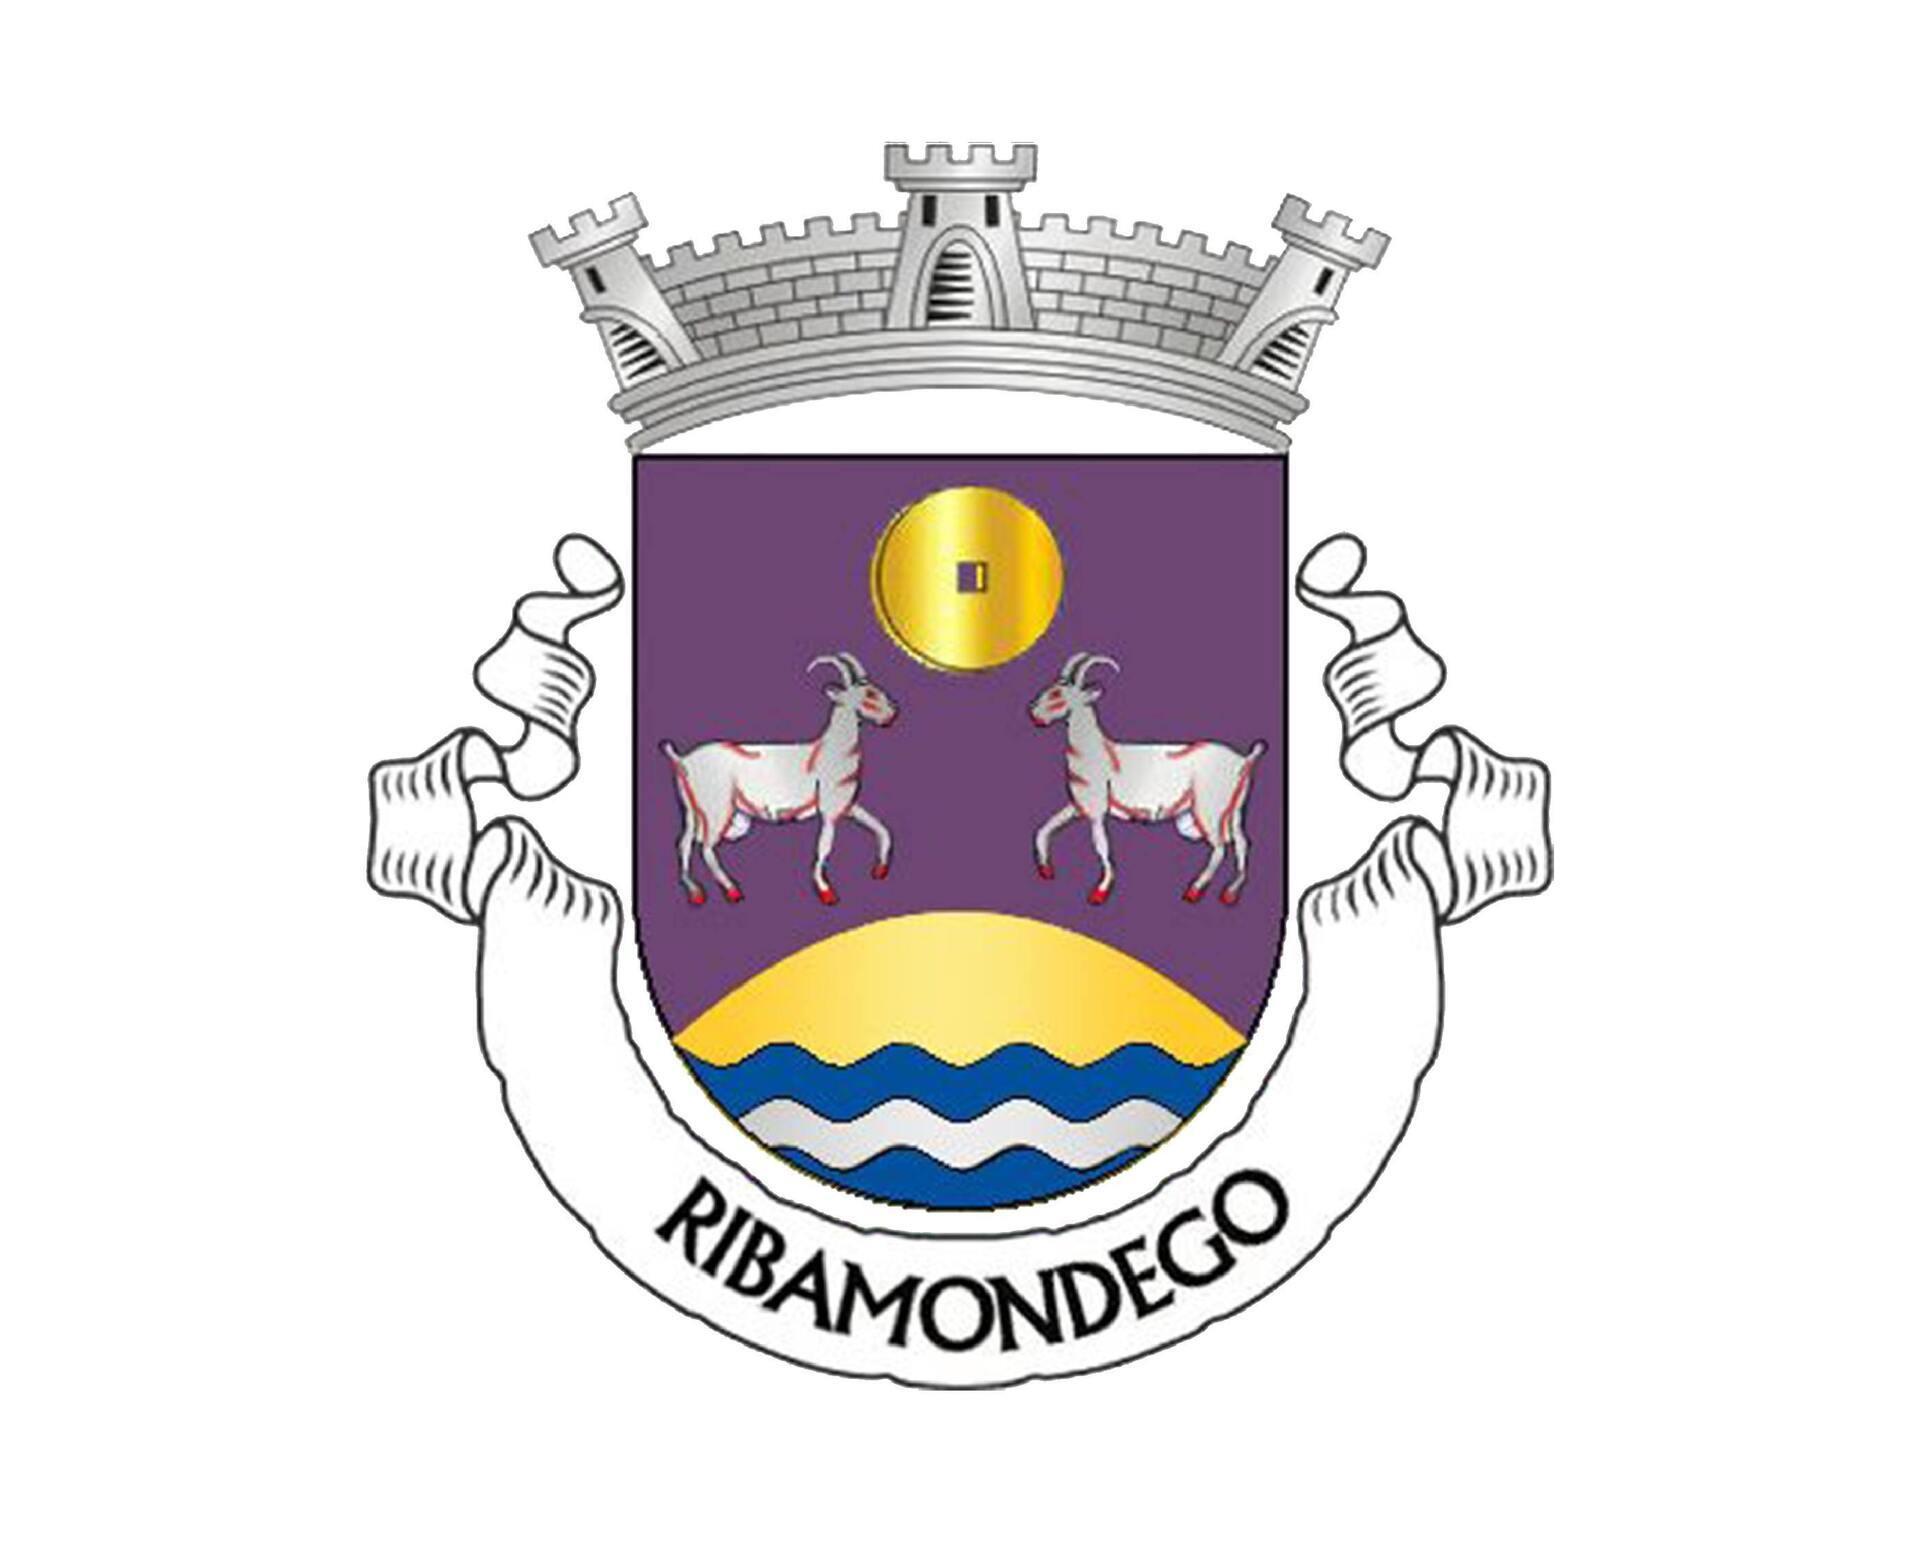 Brasão Ribamondego